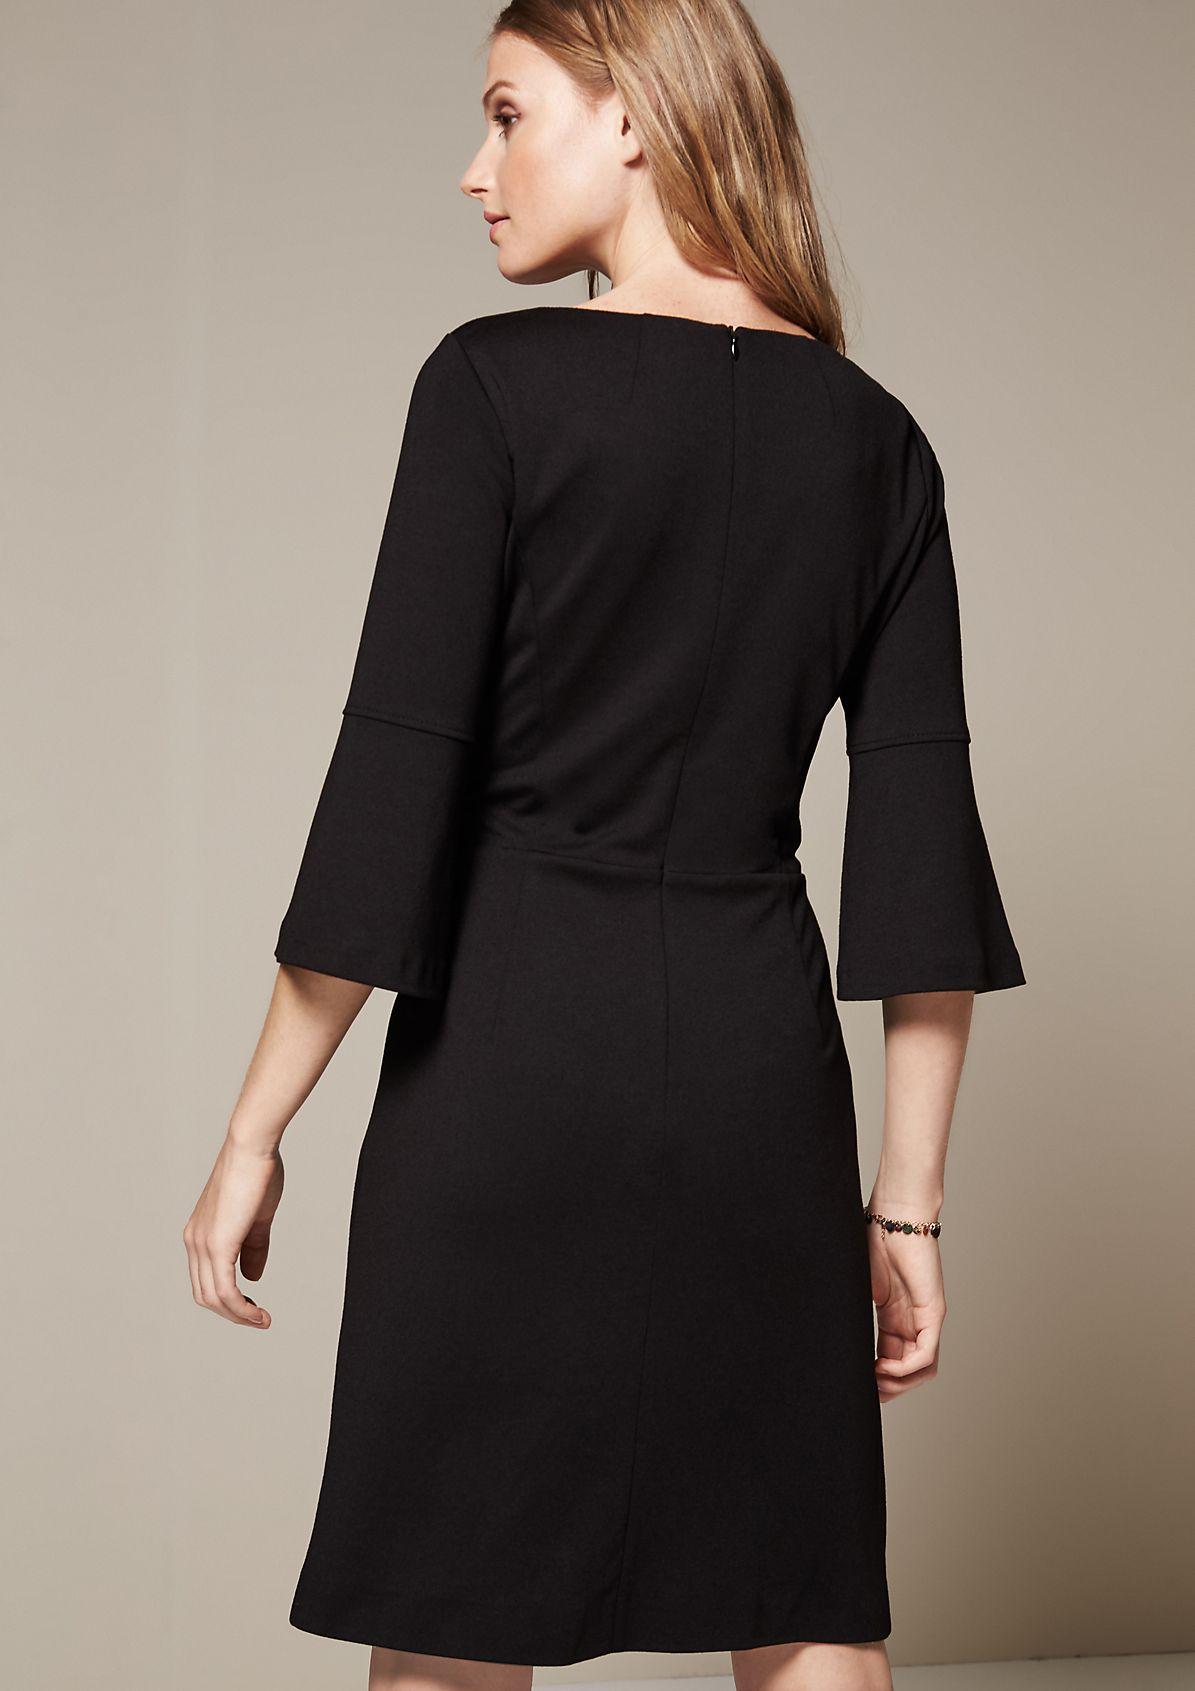 Extravagantes Abendkleid mit liebevoll gestalteten Details